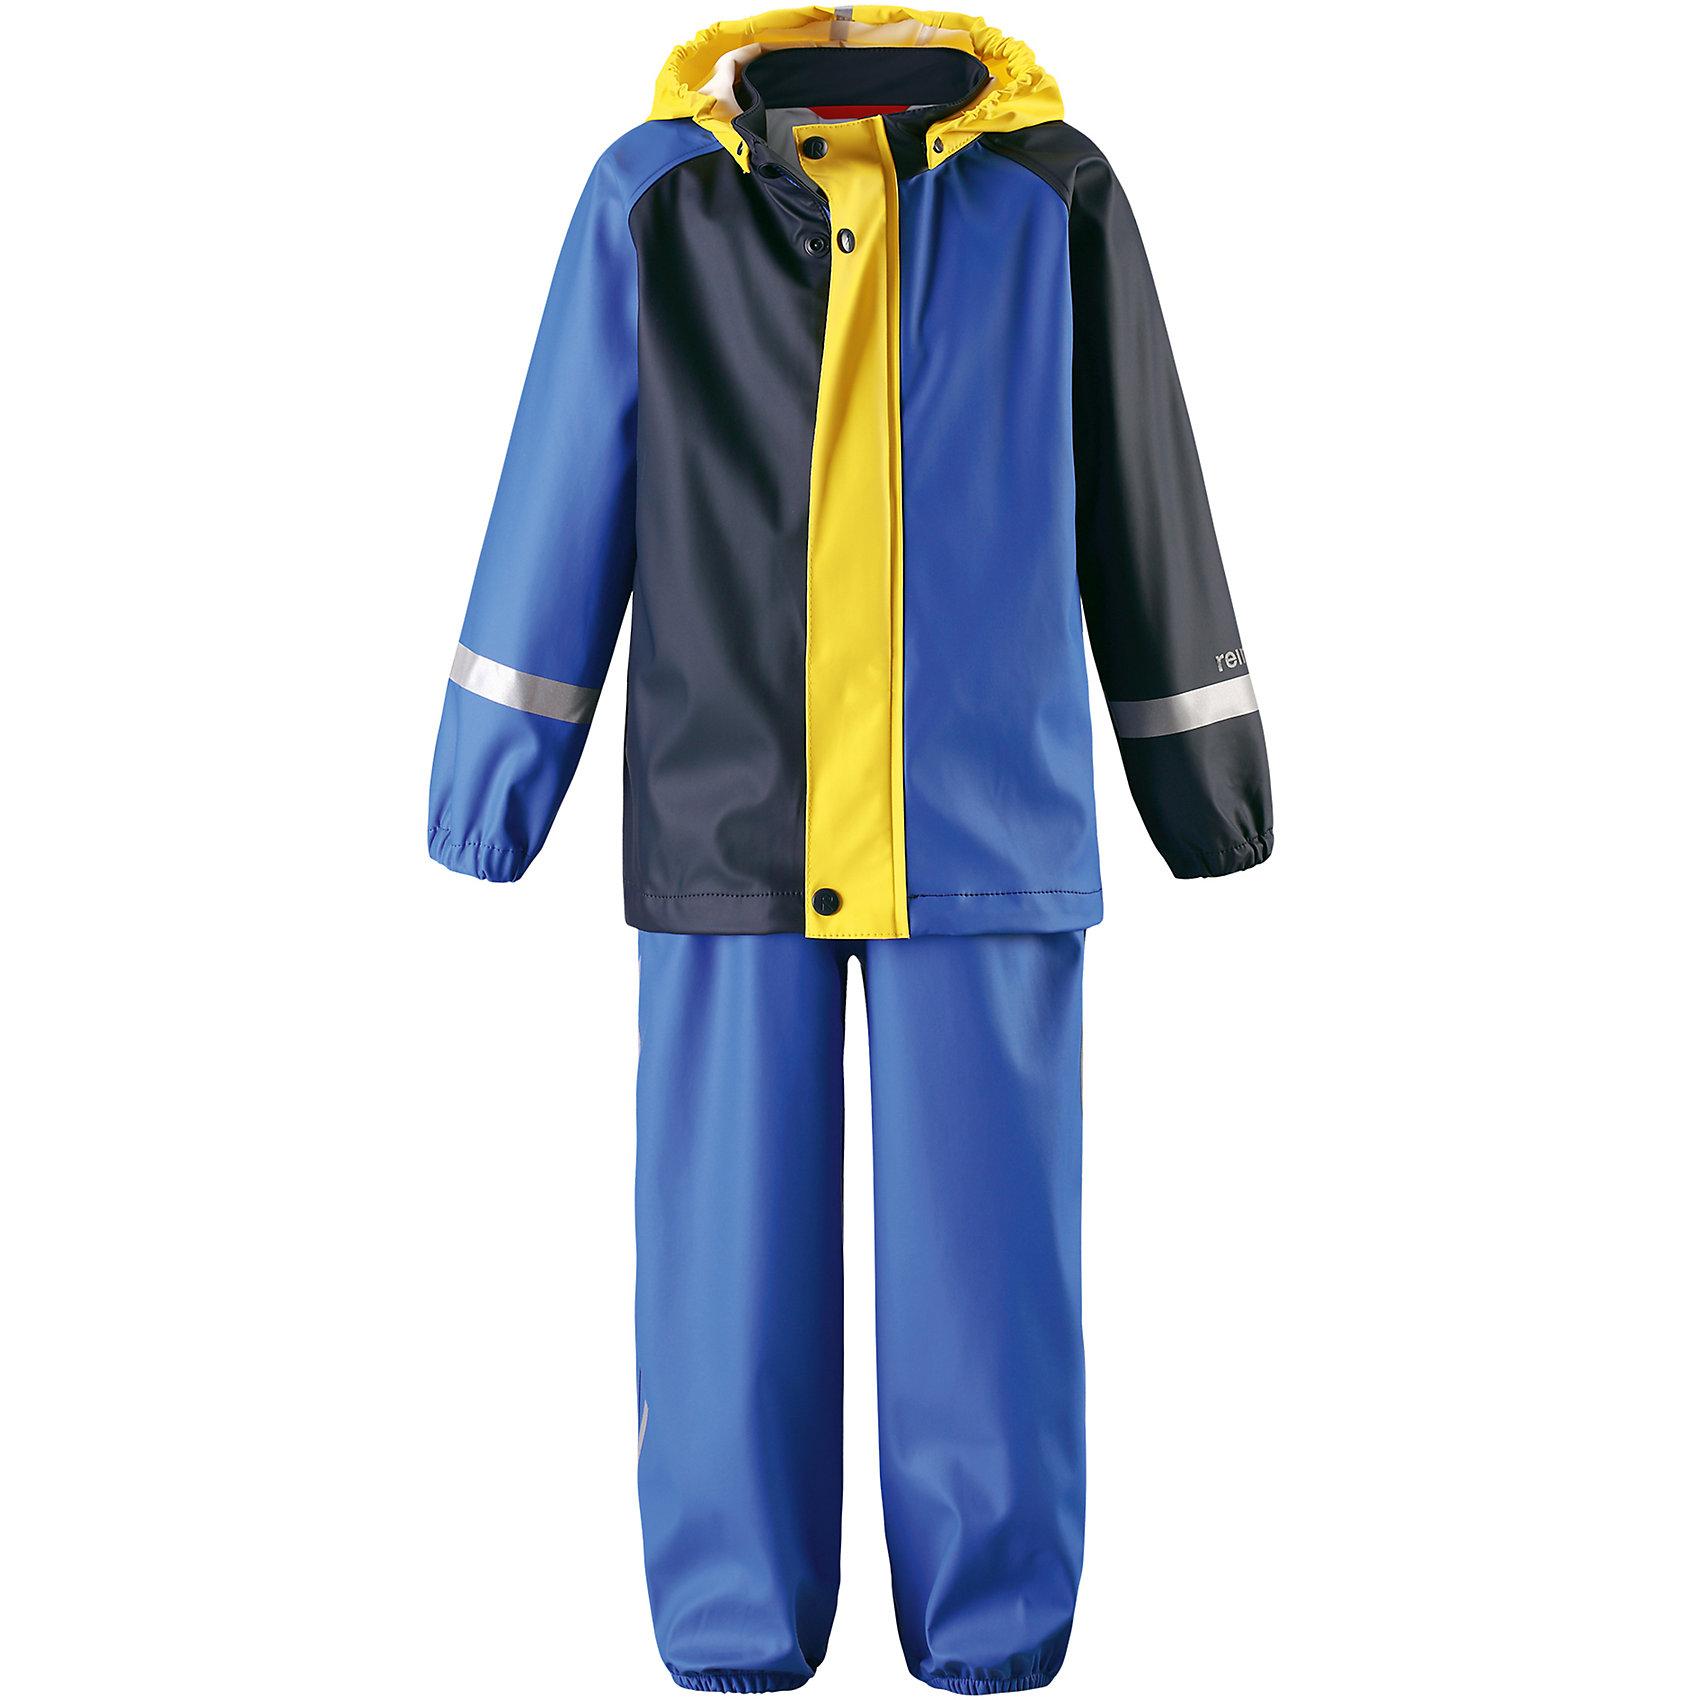 Непромокаемый комплект Tihku: куртка и брюки для мальчика ReimaОдежда<br>Характеристики товара:<br><br>• цвет: синий<br>• состав: 100% полиэстер, полиуретановое покрытие<br>• температурный режим: от +10°до +20°С<br>• водонепроницаемость: 10000 мм<br>• без утеплителя<br>• комплектация: куртка, штаны<br>• водонепроницаемый материал с запаянными швами<br>• эластичный материал<br>• не содержит ПВХ<br>• безопасный съемный капюшон<br>• эластичные манжеты <br>• регулируемая талия<br>• эластичные манжеты на брючинах<br>• комфортная посадка<br>• съемные эластичные штрипки <br>• регулируемые подтяжки<br>• спереди застёгивается на молнию<br>• светоотражающие детали<br>• страна производства: Китай<br>• страна бренда: Финляндия<br>• коллекция: весна-лето 2017<br><br>Демисезонный комплект из куртки и штанов поможет обеспечить ребенку комфорт и тепло. Предметы отлично смотрятся с различной одеждой. Комплект удобно сидит и модно выглядит. Материал отлично подходит для дождливой погоды. Стильный дизайн разрабатывался специально для детей.<br><br>Обувь и одежда от финского бренда Reima пользуются популярностью во многих странах. Они стильные, качественные и удобные. Для производства продукции используются только безопасные, проверенные материалы и фурнитура.<br><br>Комплект: куртка и брюки для мальчика от финского бренда Reima (Рейма) можно купить в нашем интернет-магазине.<br><br>Ширина мм: 356<br>Глубина мм: 10<br>Высота мм: 245<br>Вес г: 519<br>Цвет: синий<br>Возраст от месяцев: 48<br>Возраст до месяцев: 60<br>Пол: Мужской<br>Возраст: Детский<br>Размер: 110,86,104,98,116,92,80,74<br>SKU: 5265436